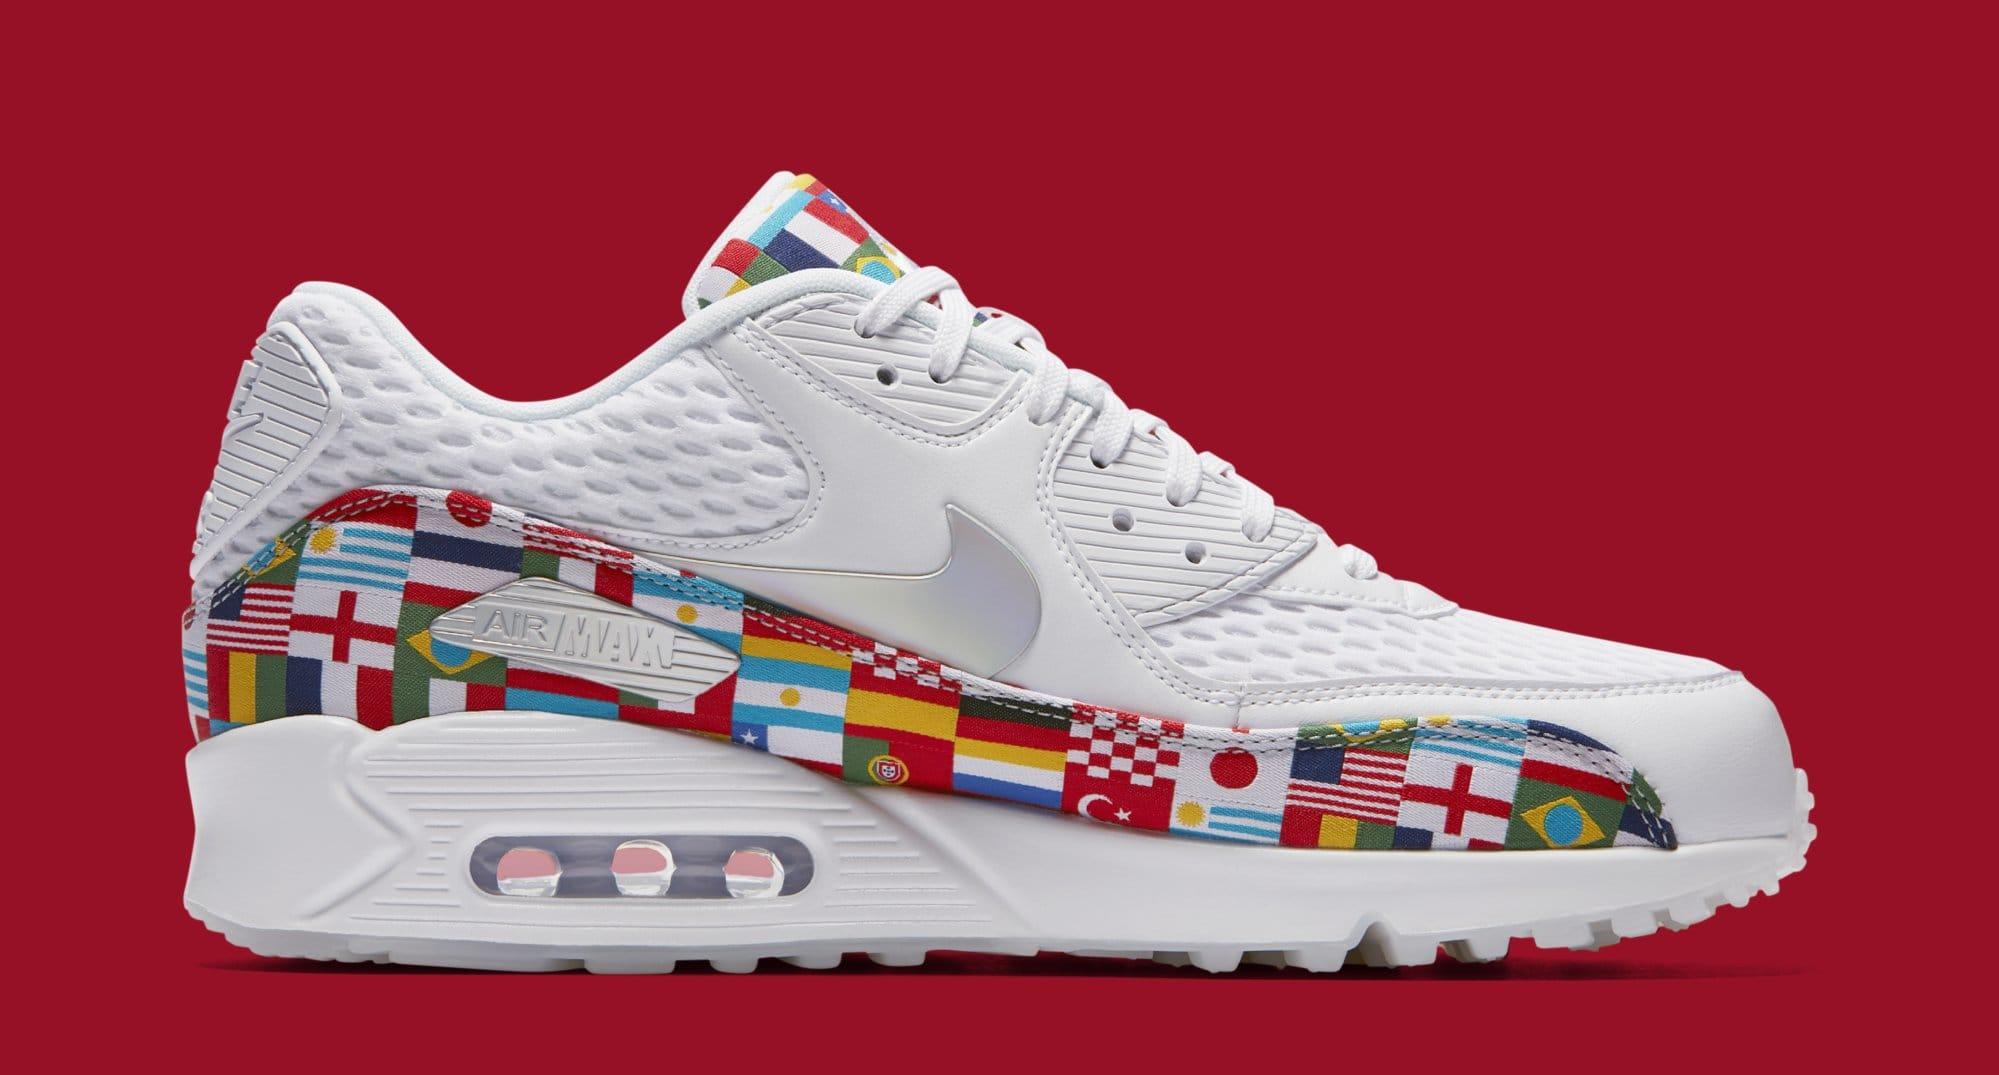 bd4b02a039091 Nike Air Max Plus AO5117-100 Air Max 90 AO5119-100 Air Zoom Spiridon  AO5121-100 'NIC' Pack Release Date | Sole Collector